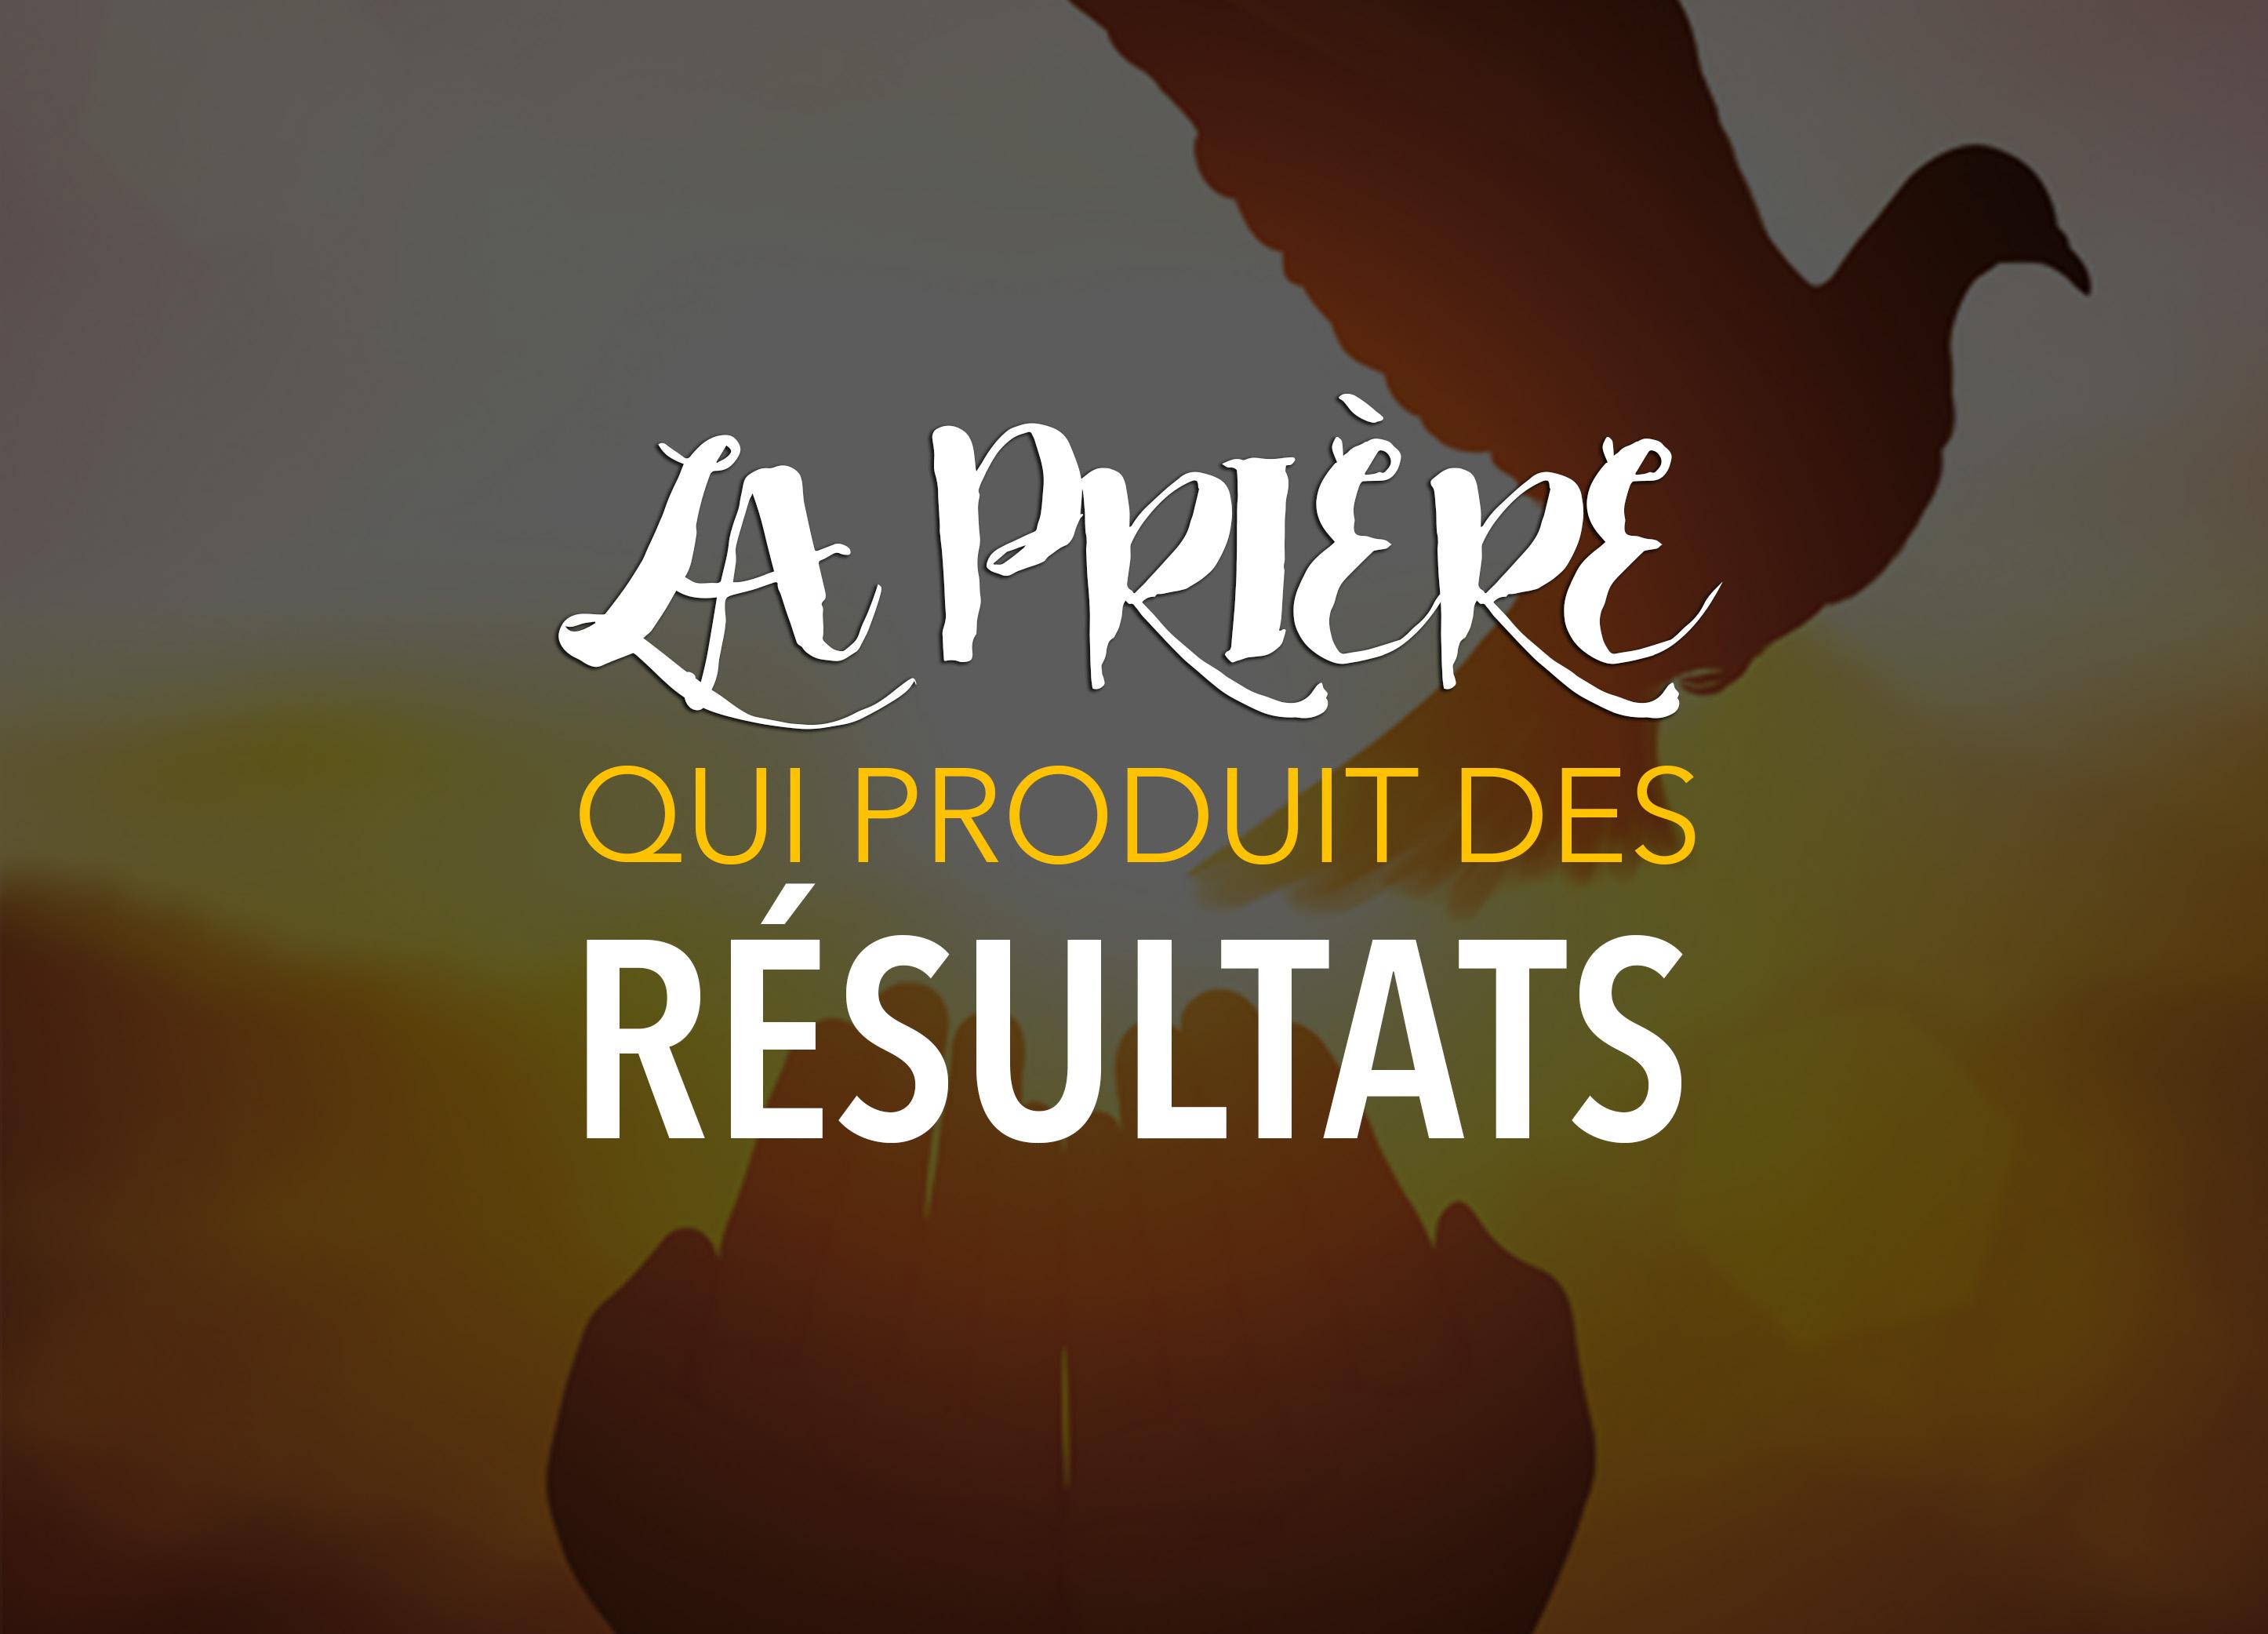 4- La prière qui produit des résultats